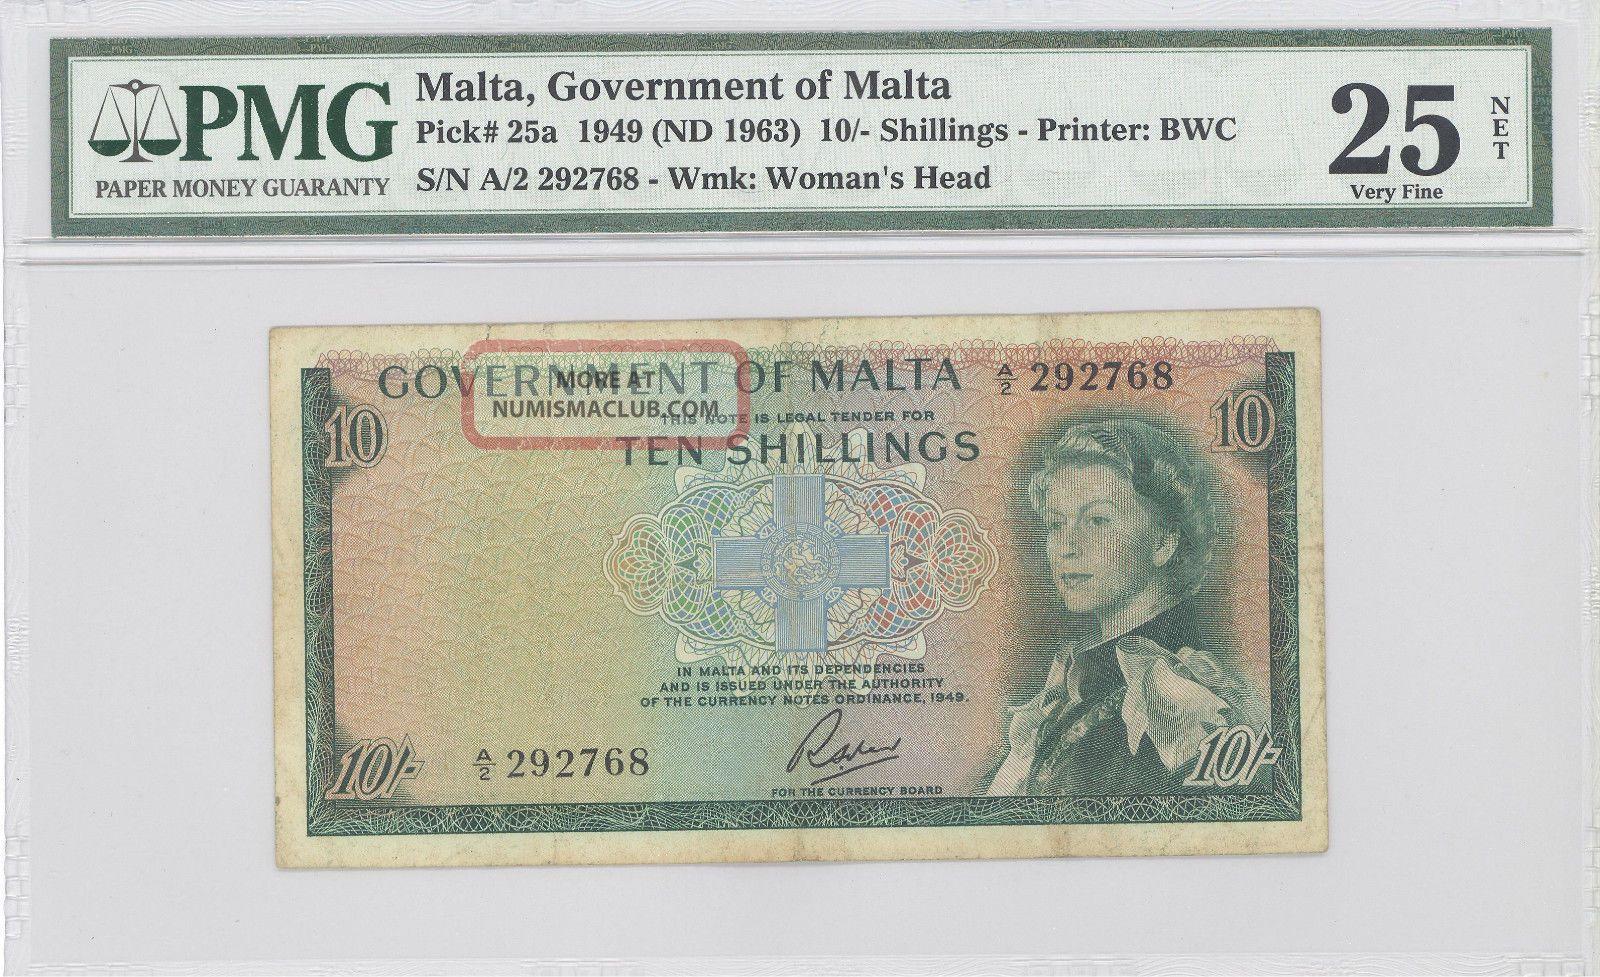 1949 Malta,  Government Of Malta,  10 Shillings,  Pmg 25 Net Very Fine P : 25a Europe photo